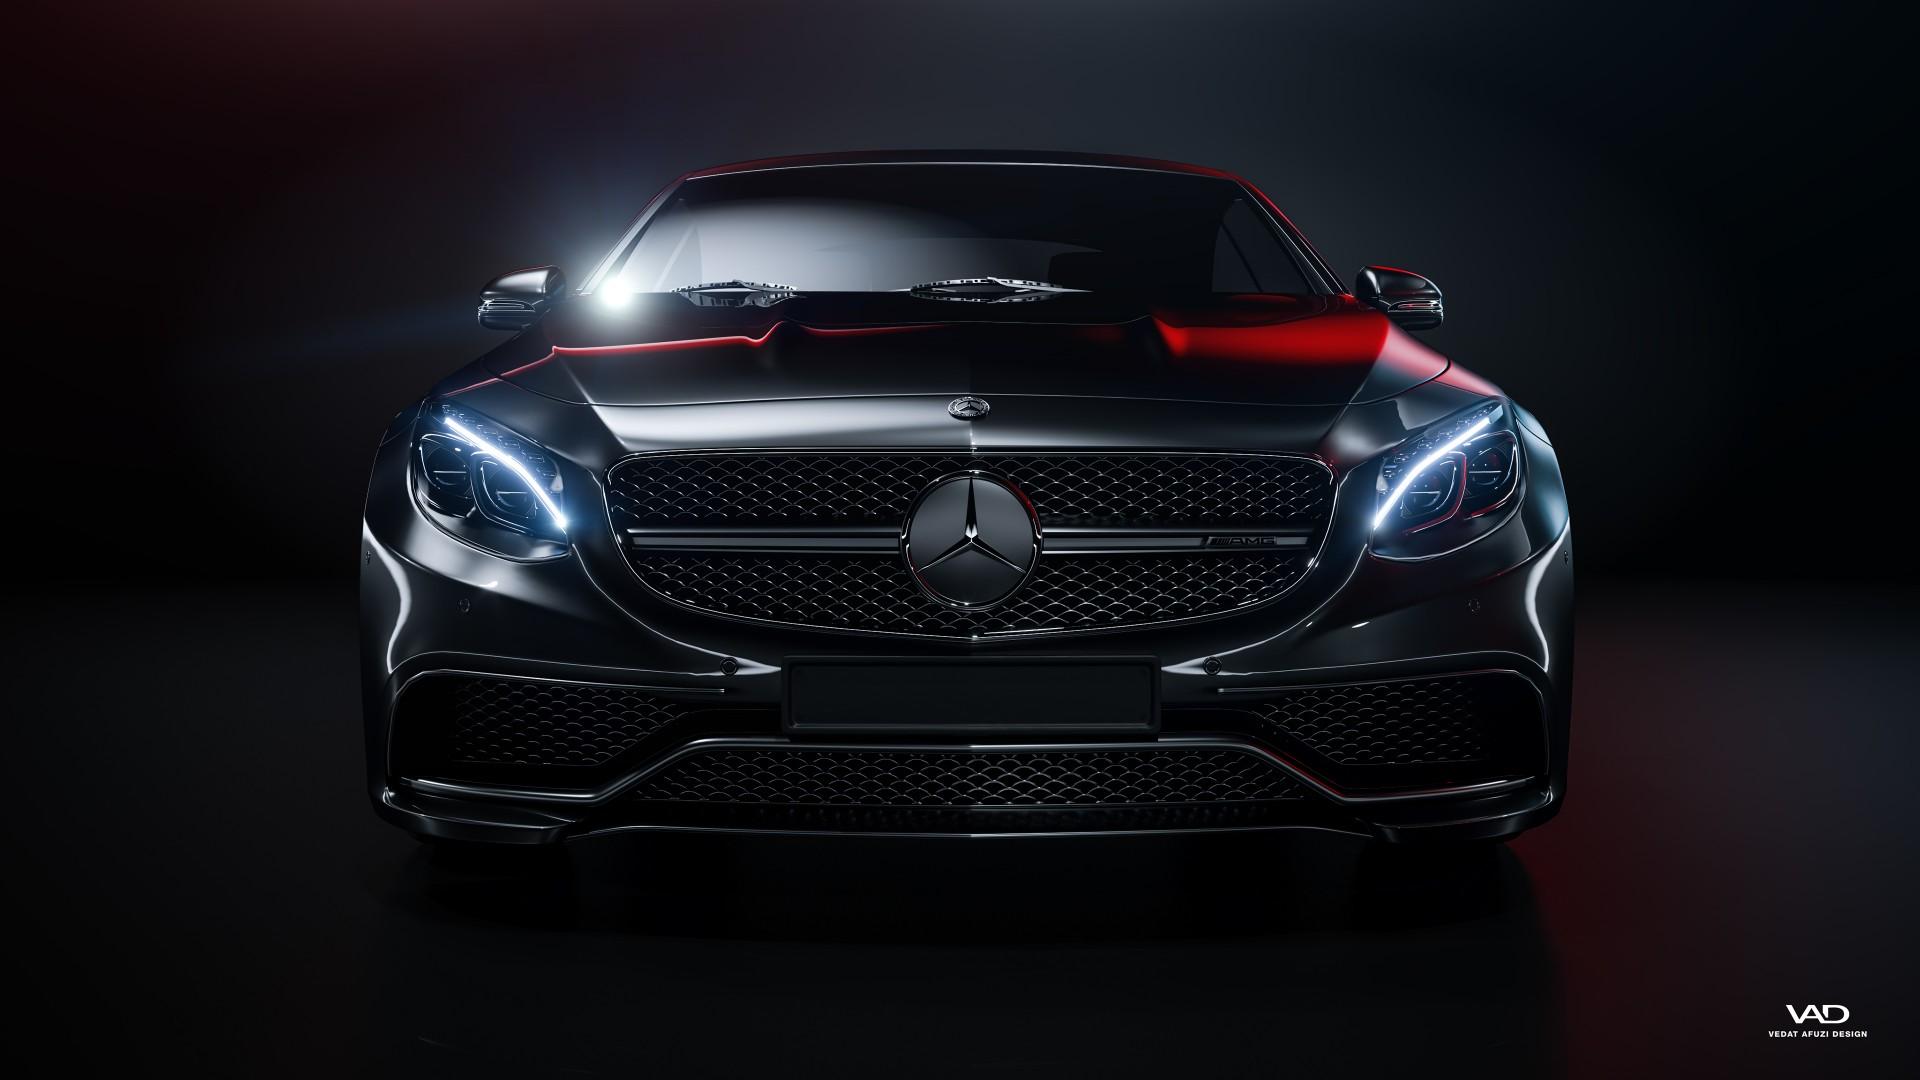 Mercedes Benz S 63 AMG 4K Wallpaper   HD Car Wallpapers ...